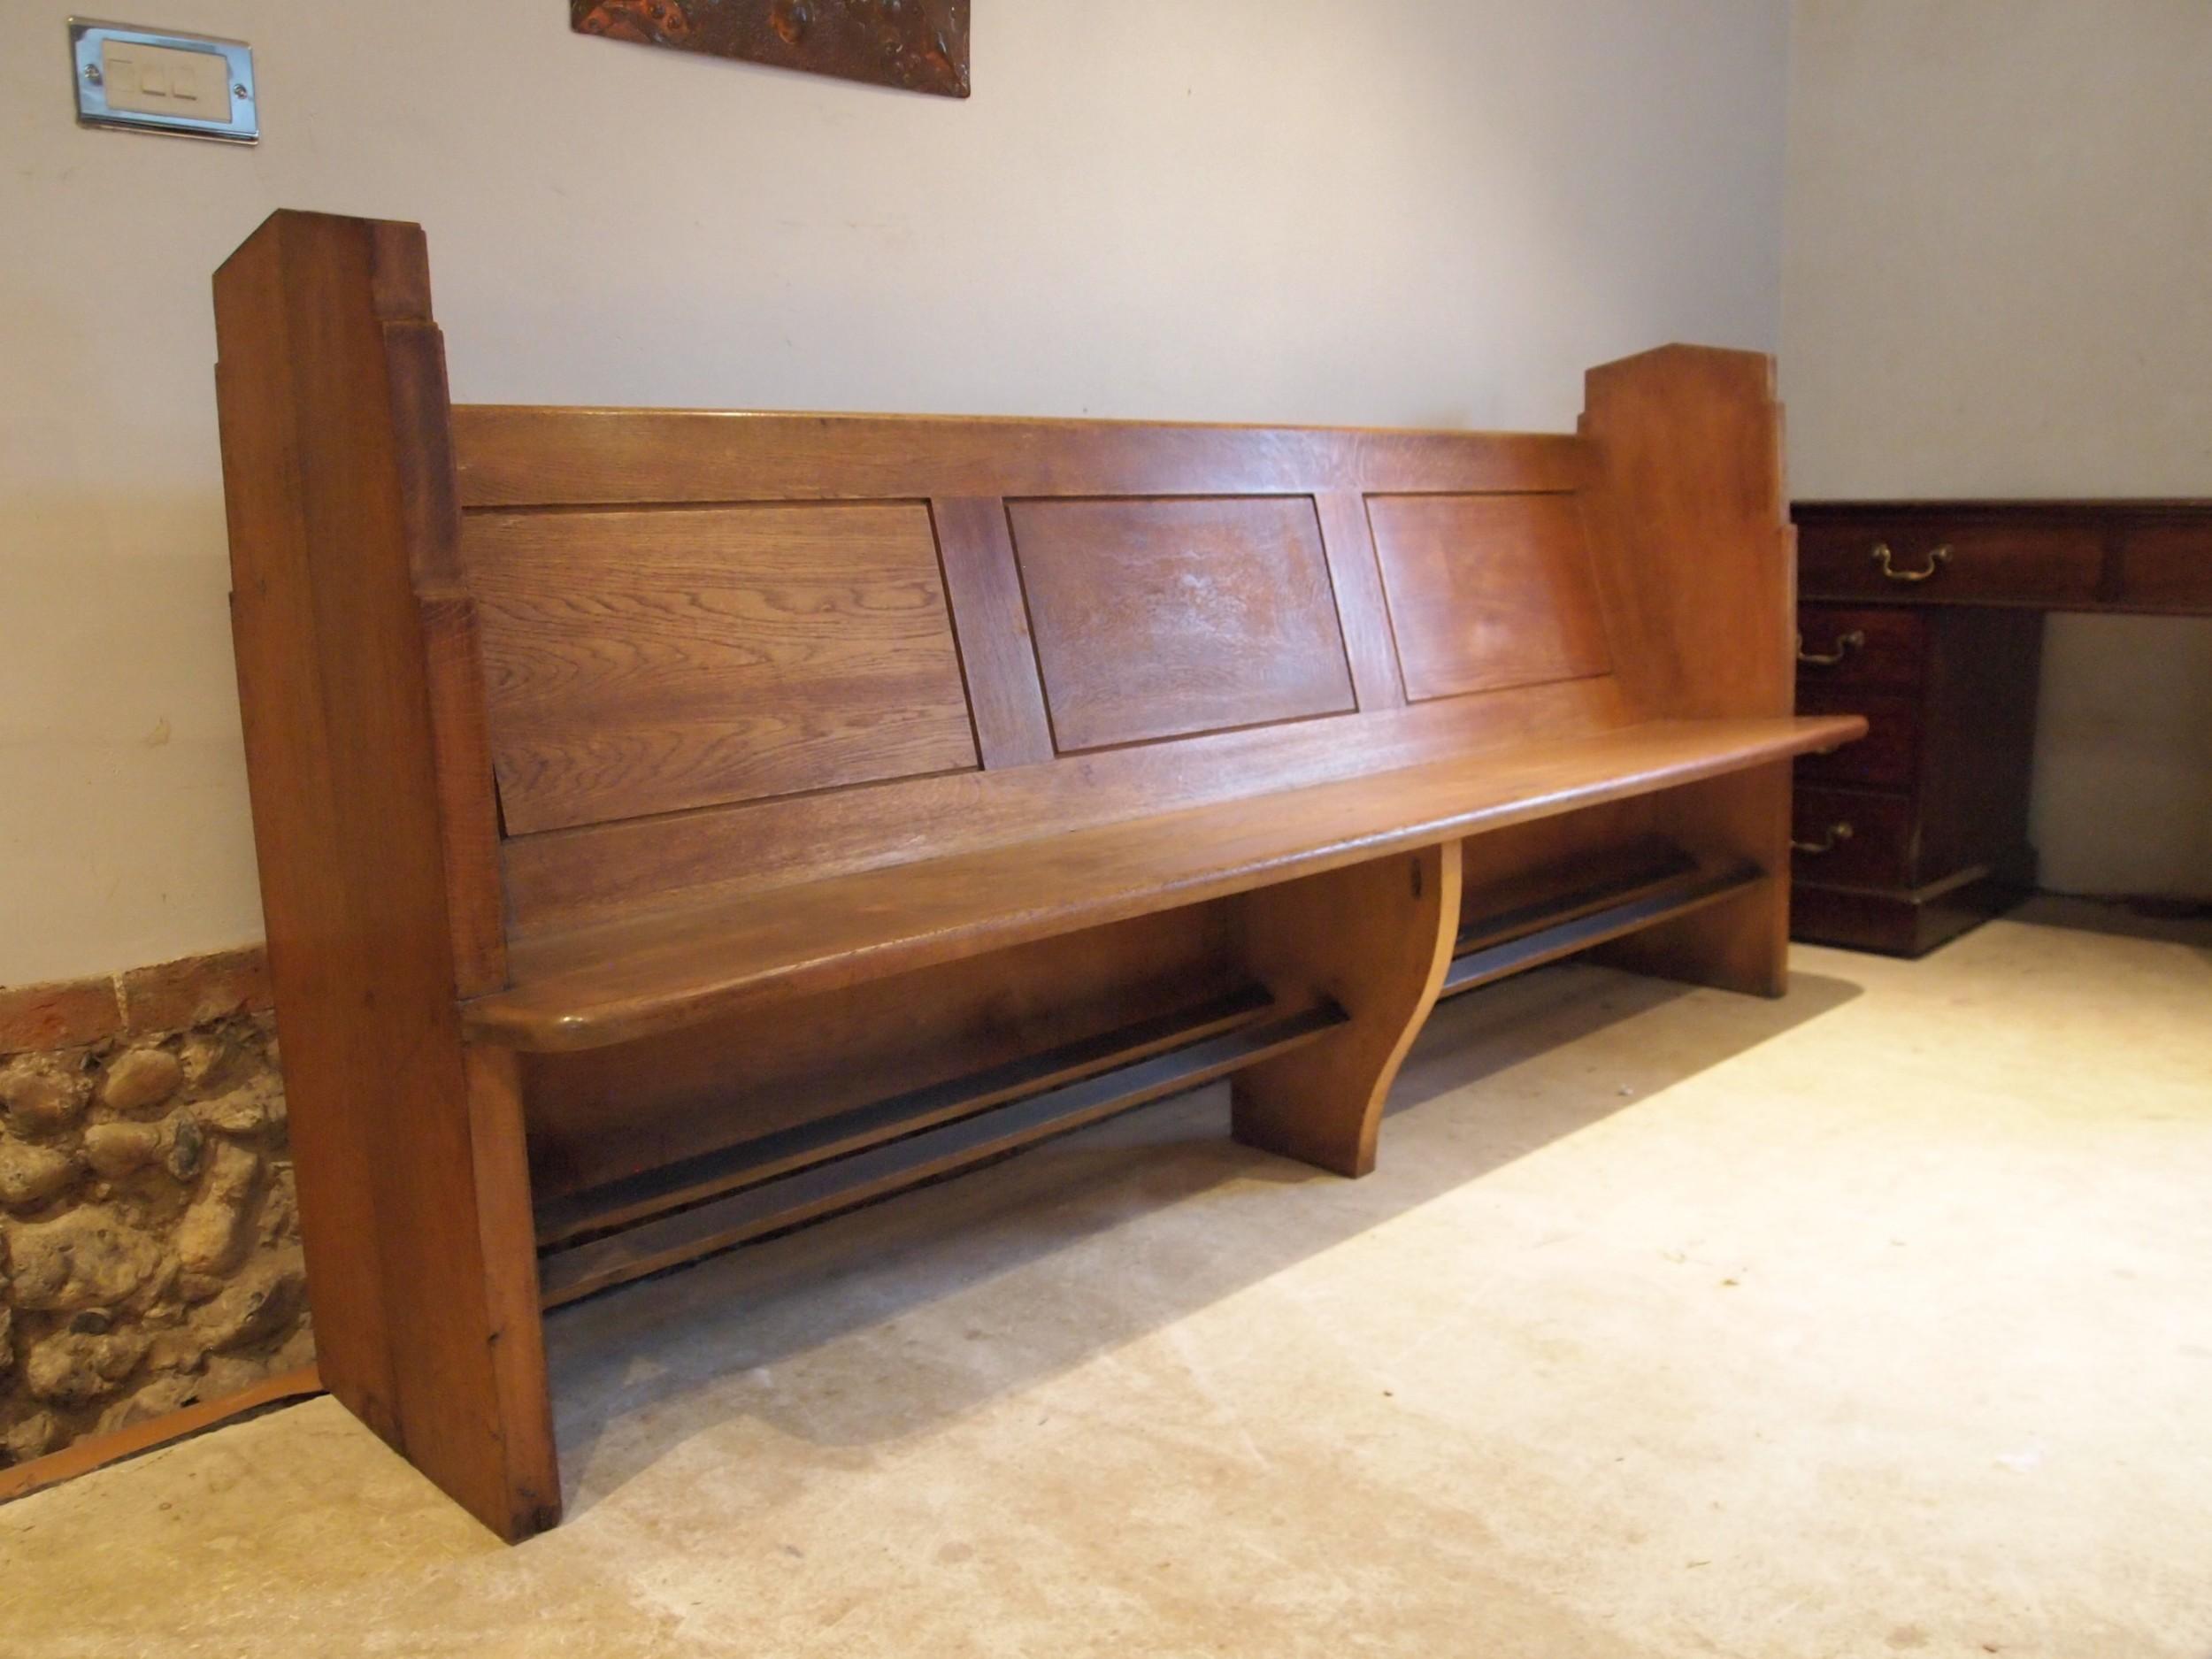 pew bench settle english oak edwardian c1900